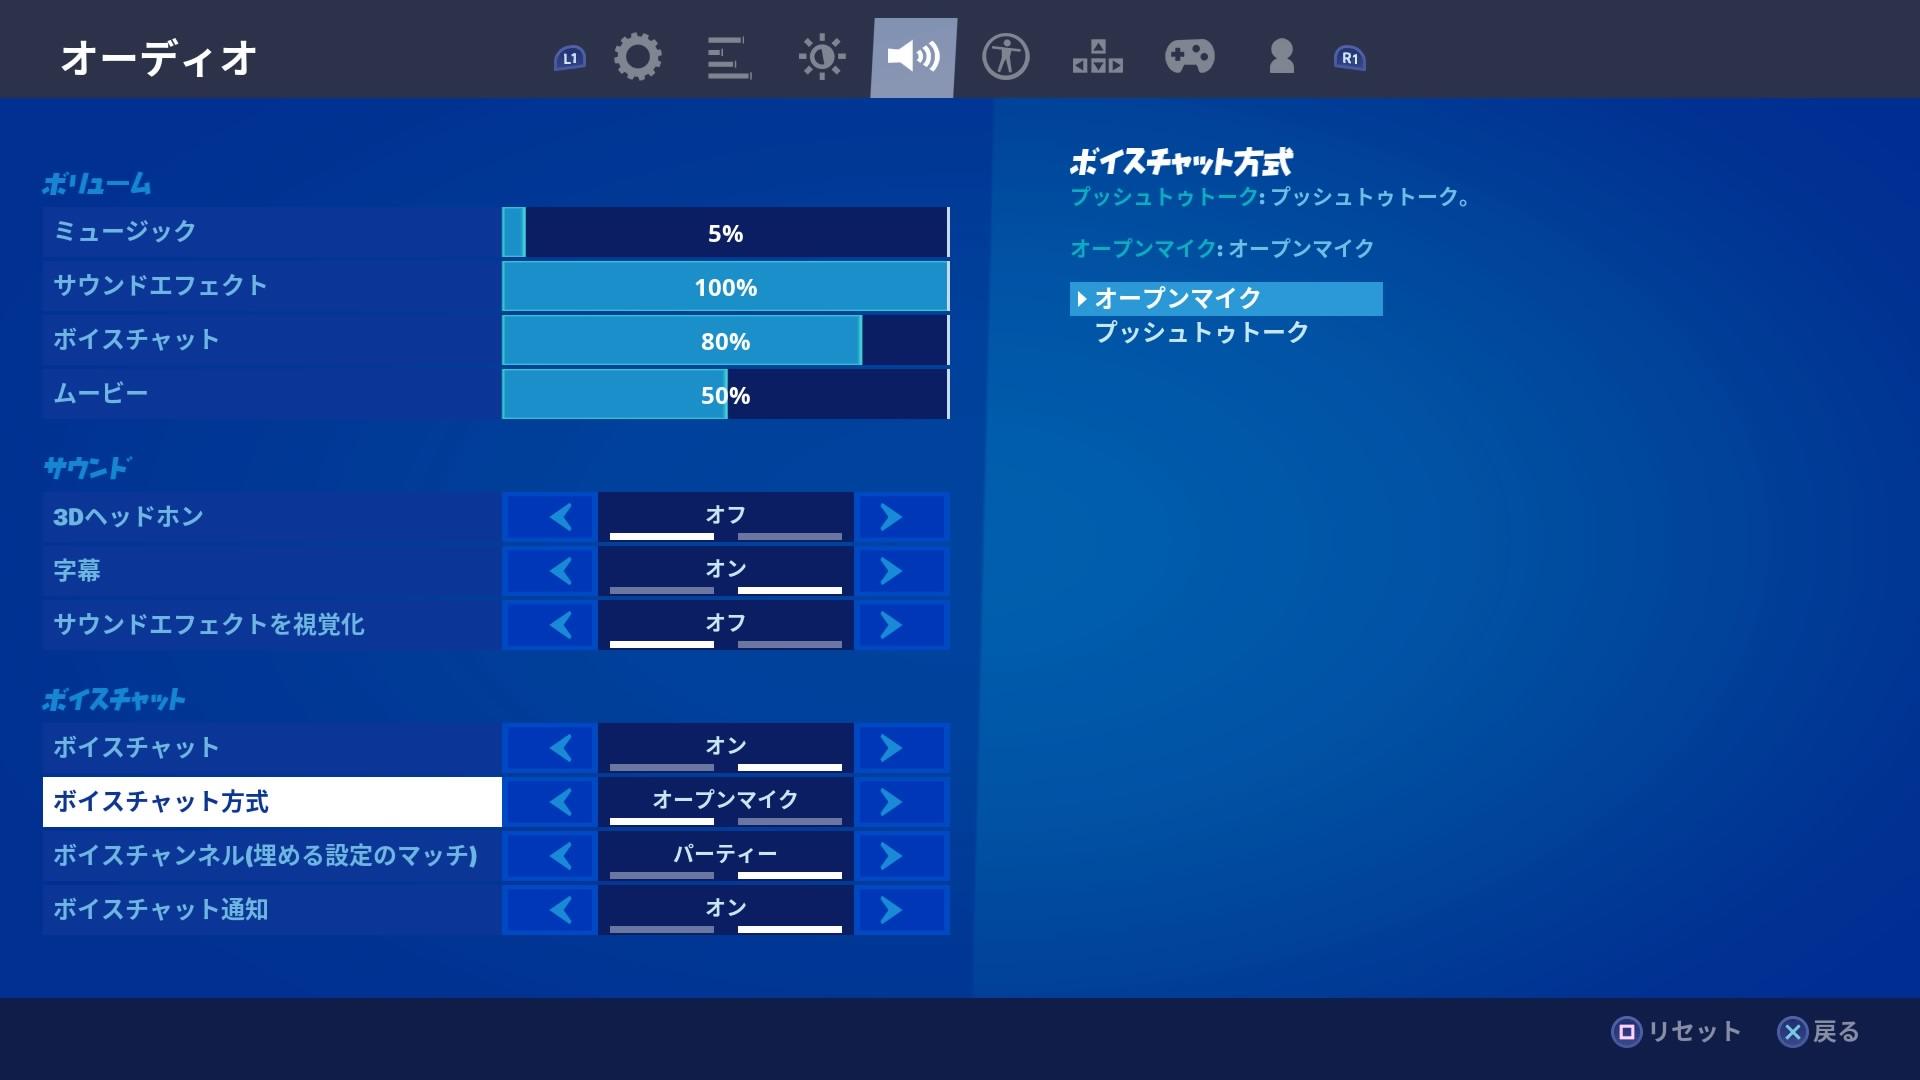 ボイスチャット方式の設定画面